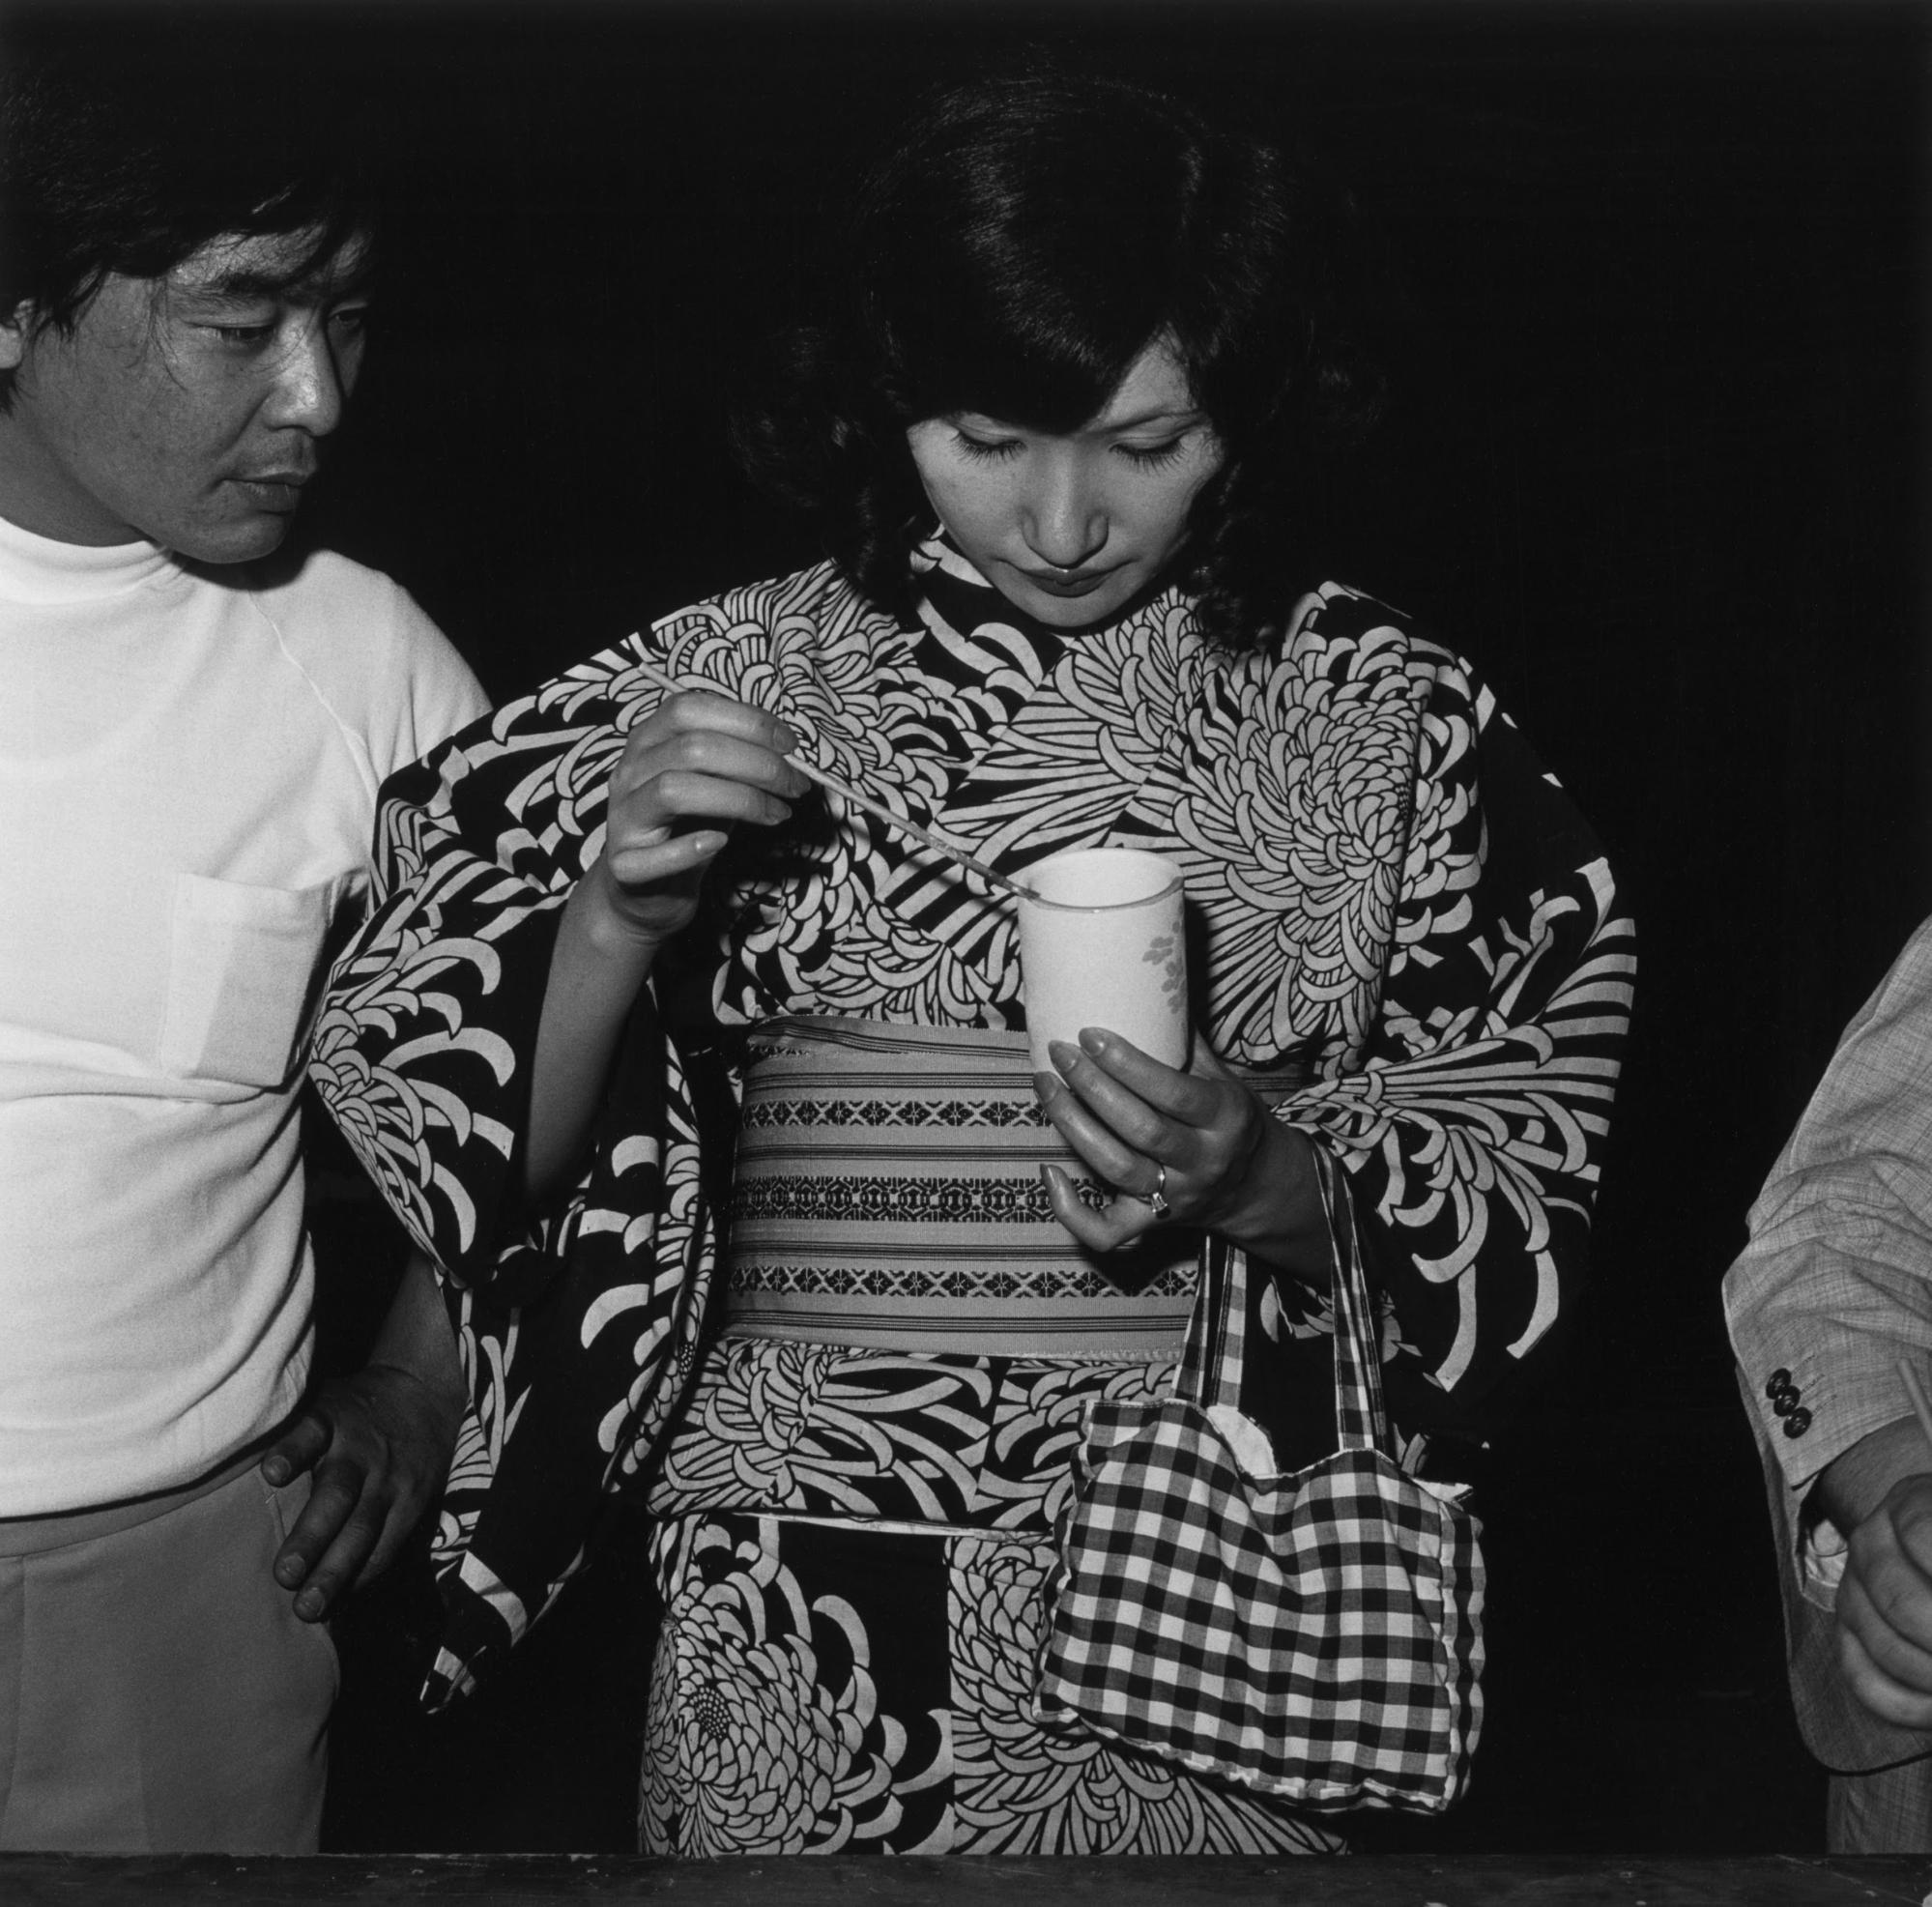 ritratto in bianco e nero di una donna e un uomo di Issei Suda